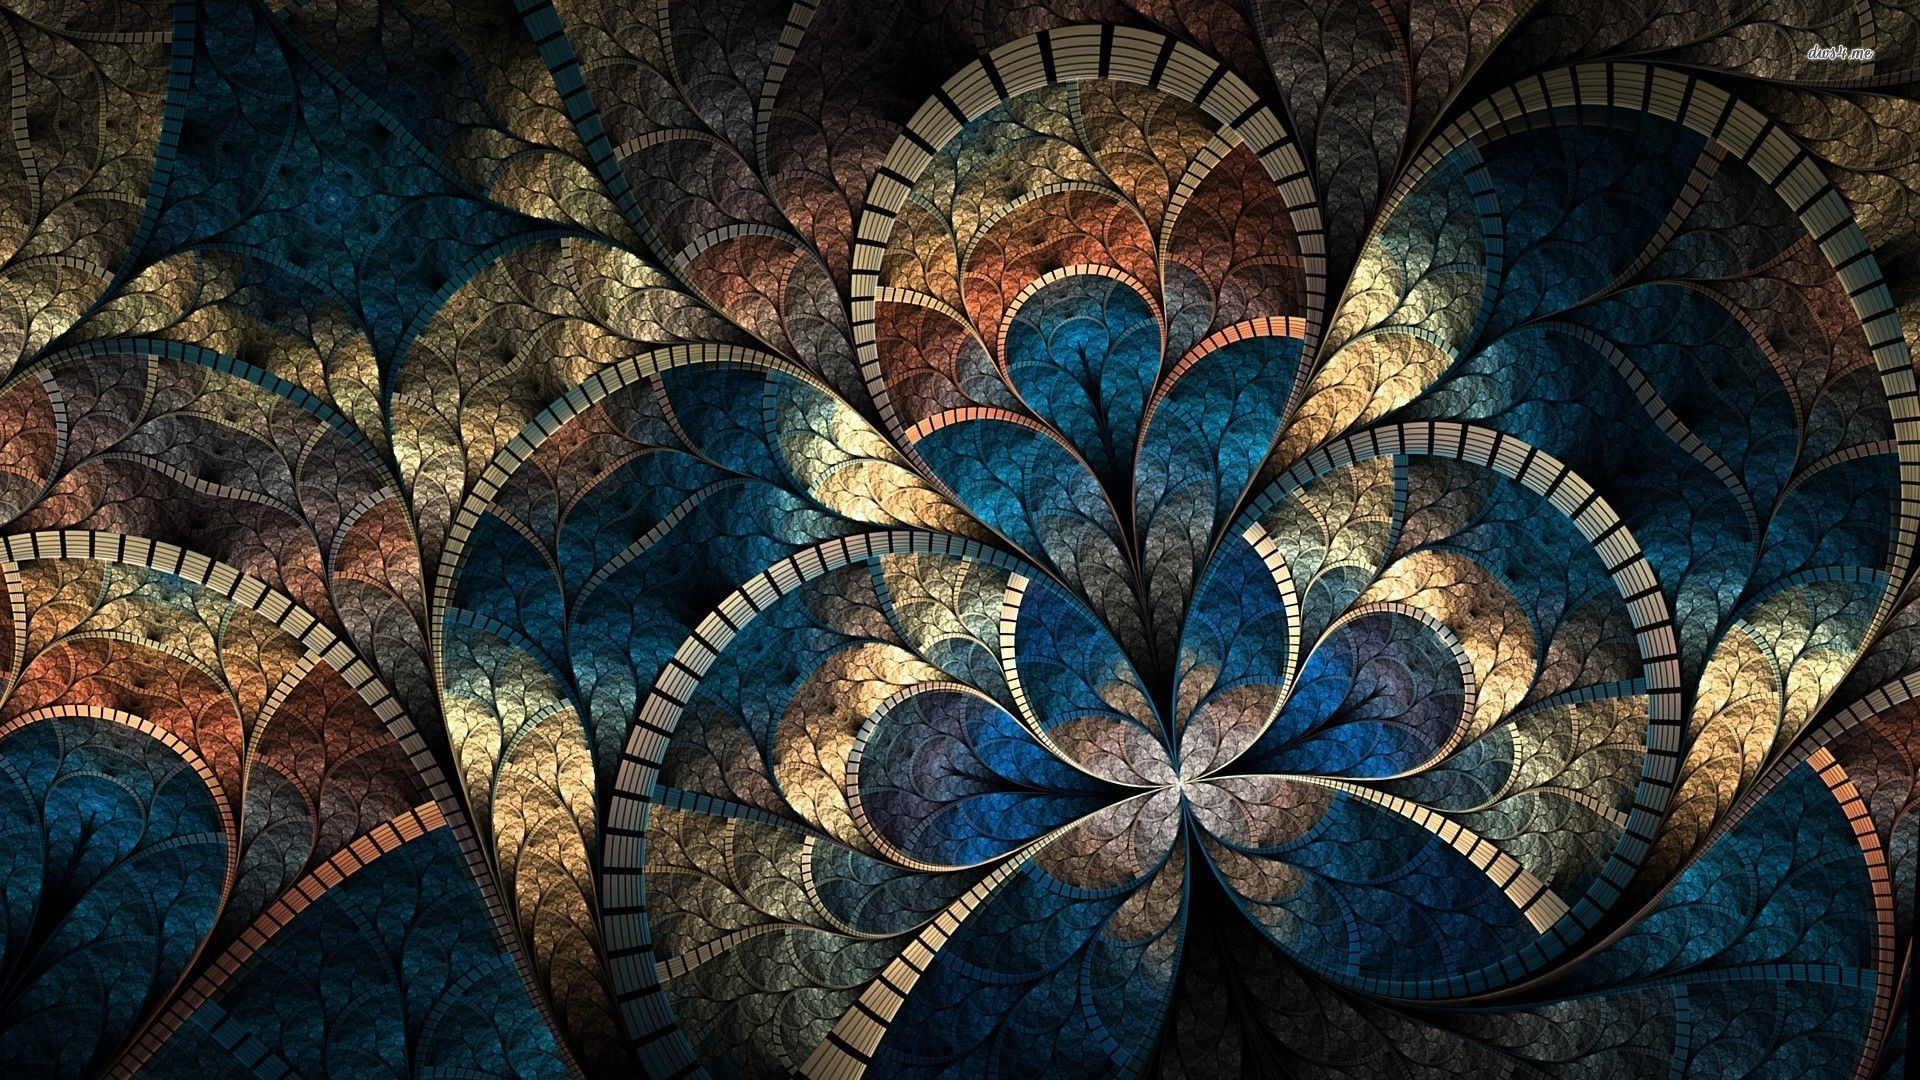 Fractal Design Aynise Benne Art Pinterest Fractal